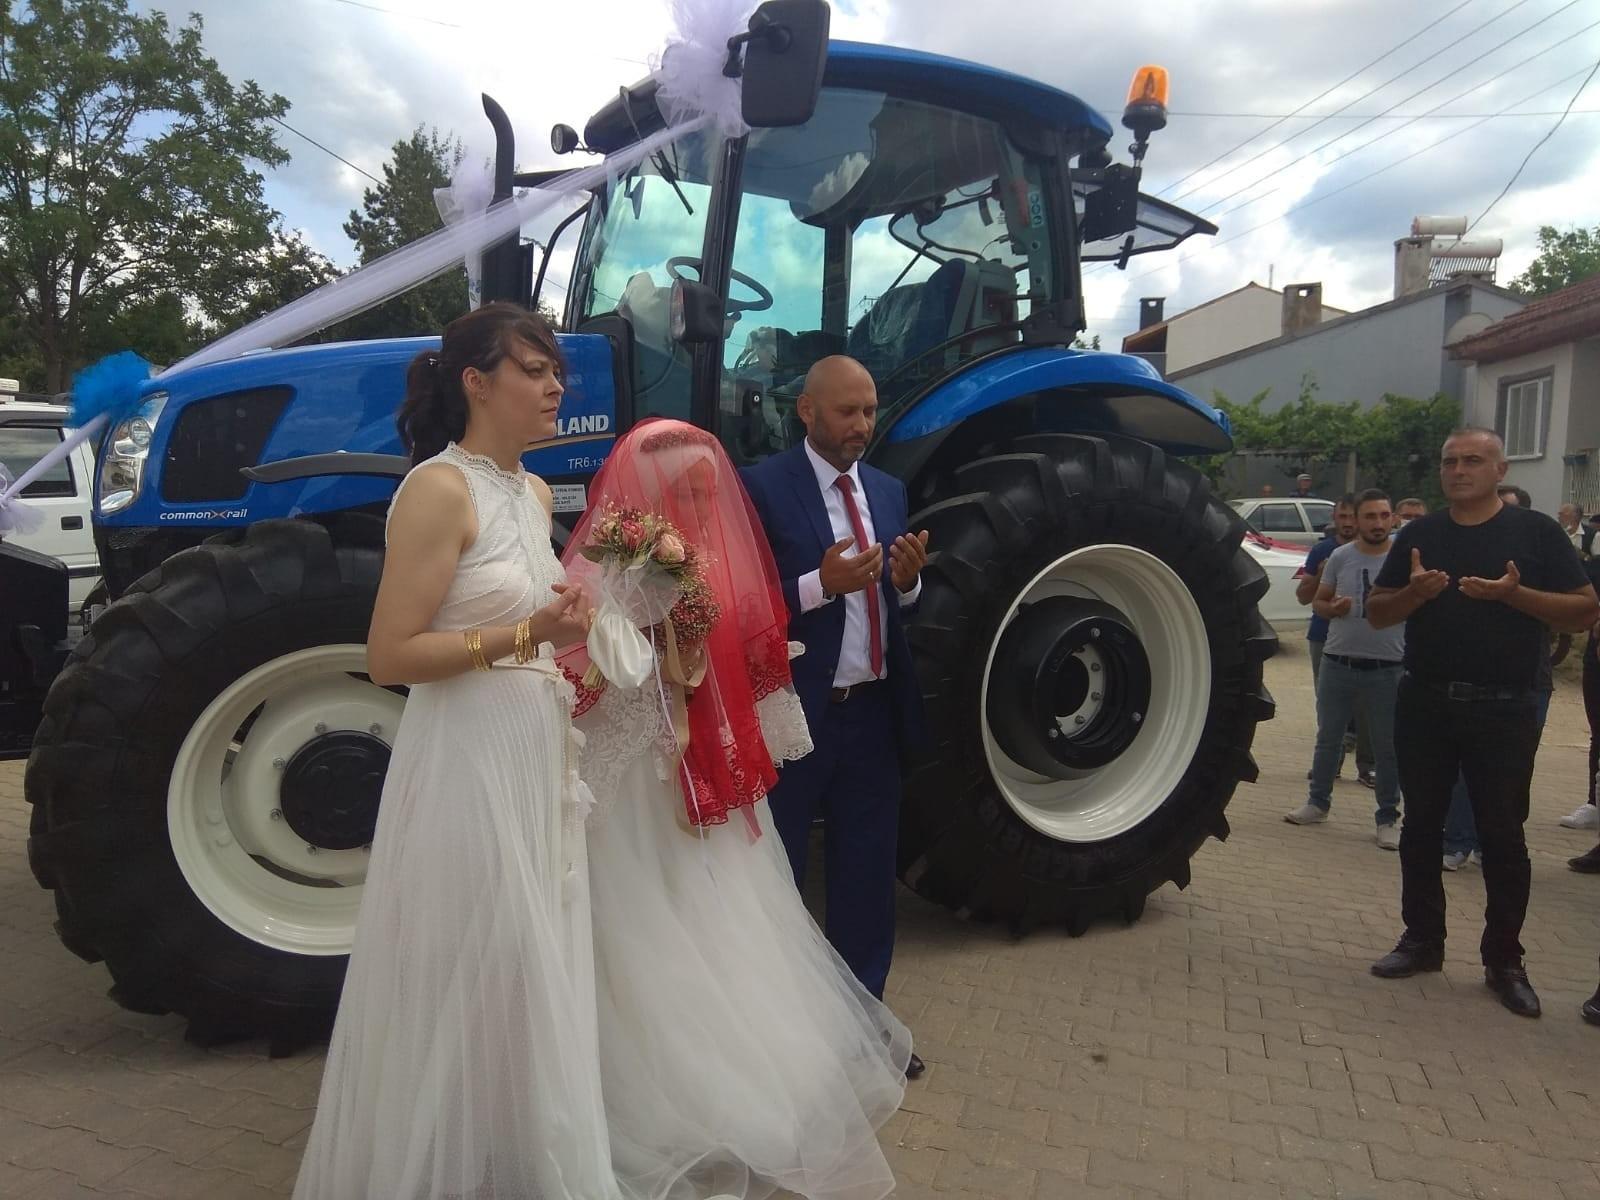 Tarımsal Kooperatif Başkanı damat olunca gelin arabası da traktör oldu